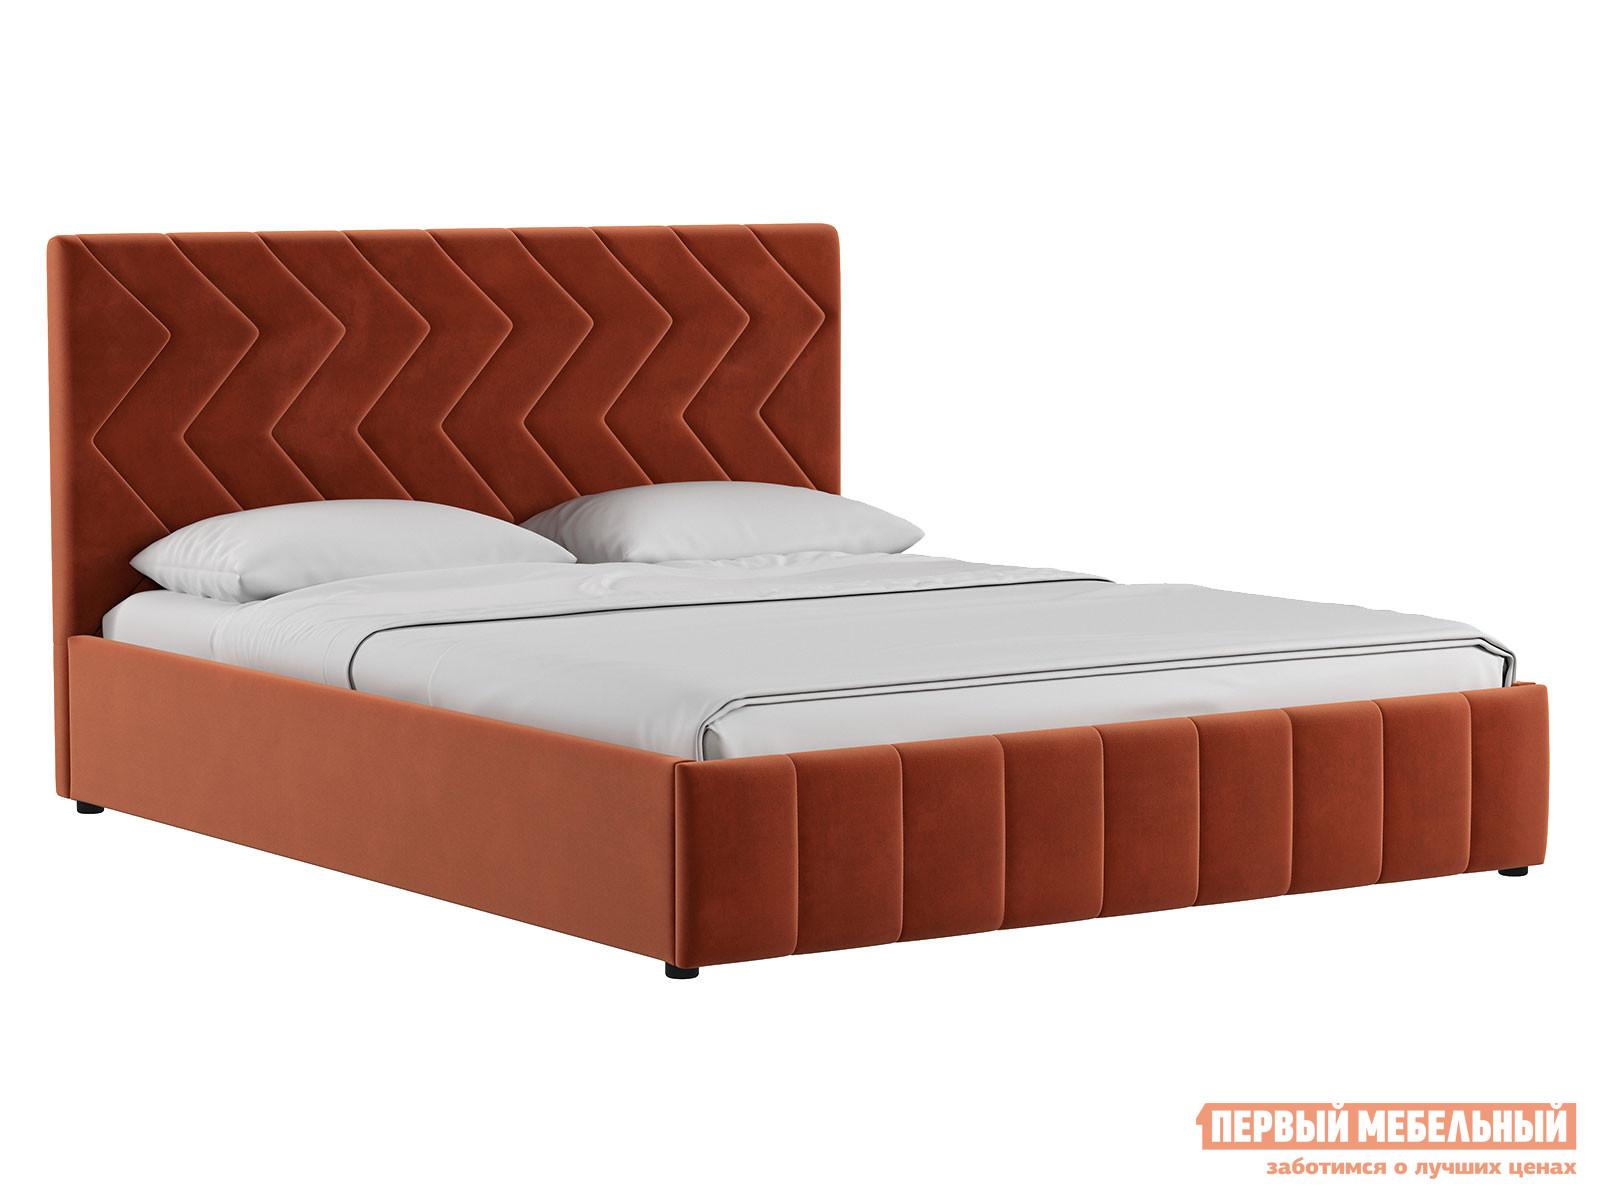 Двуспальная кровать Первый Мебельный Кровать Милана с подъемным механизмом 160х200